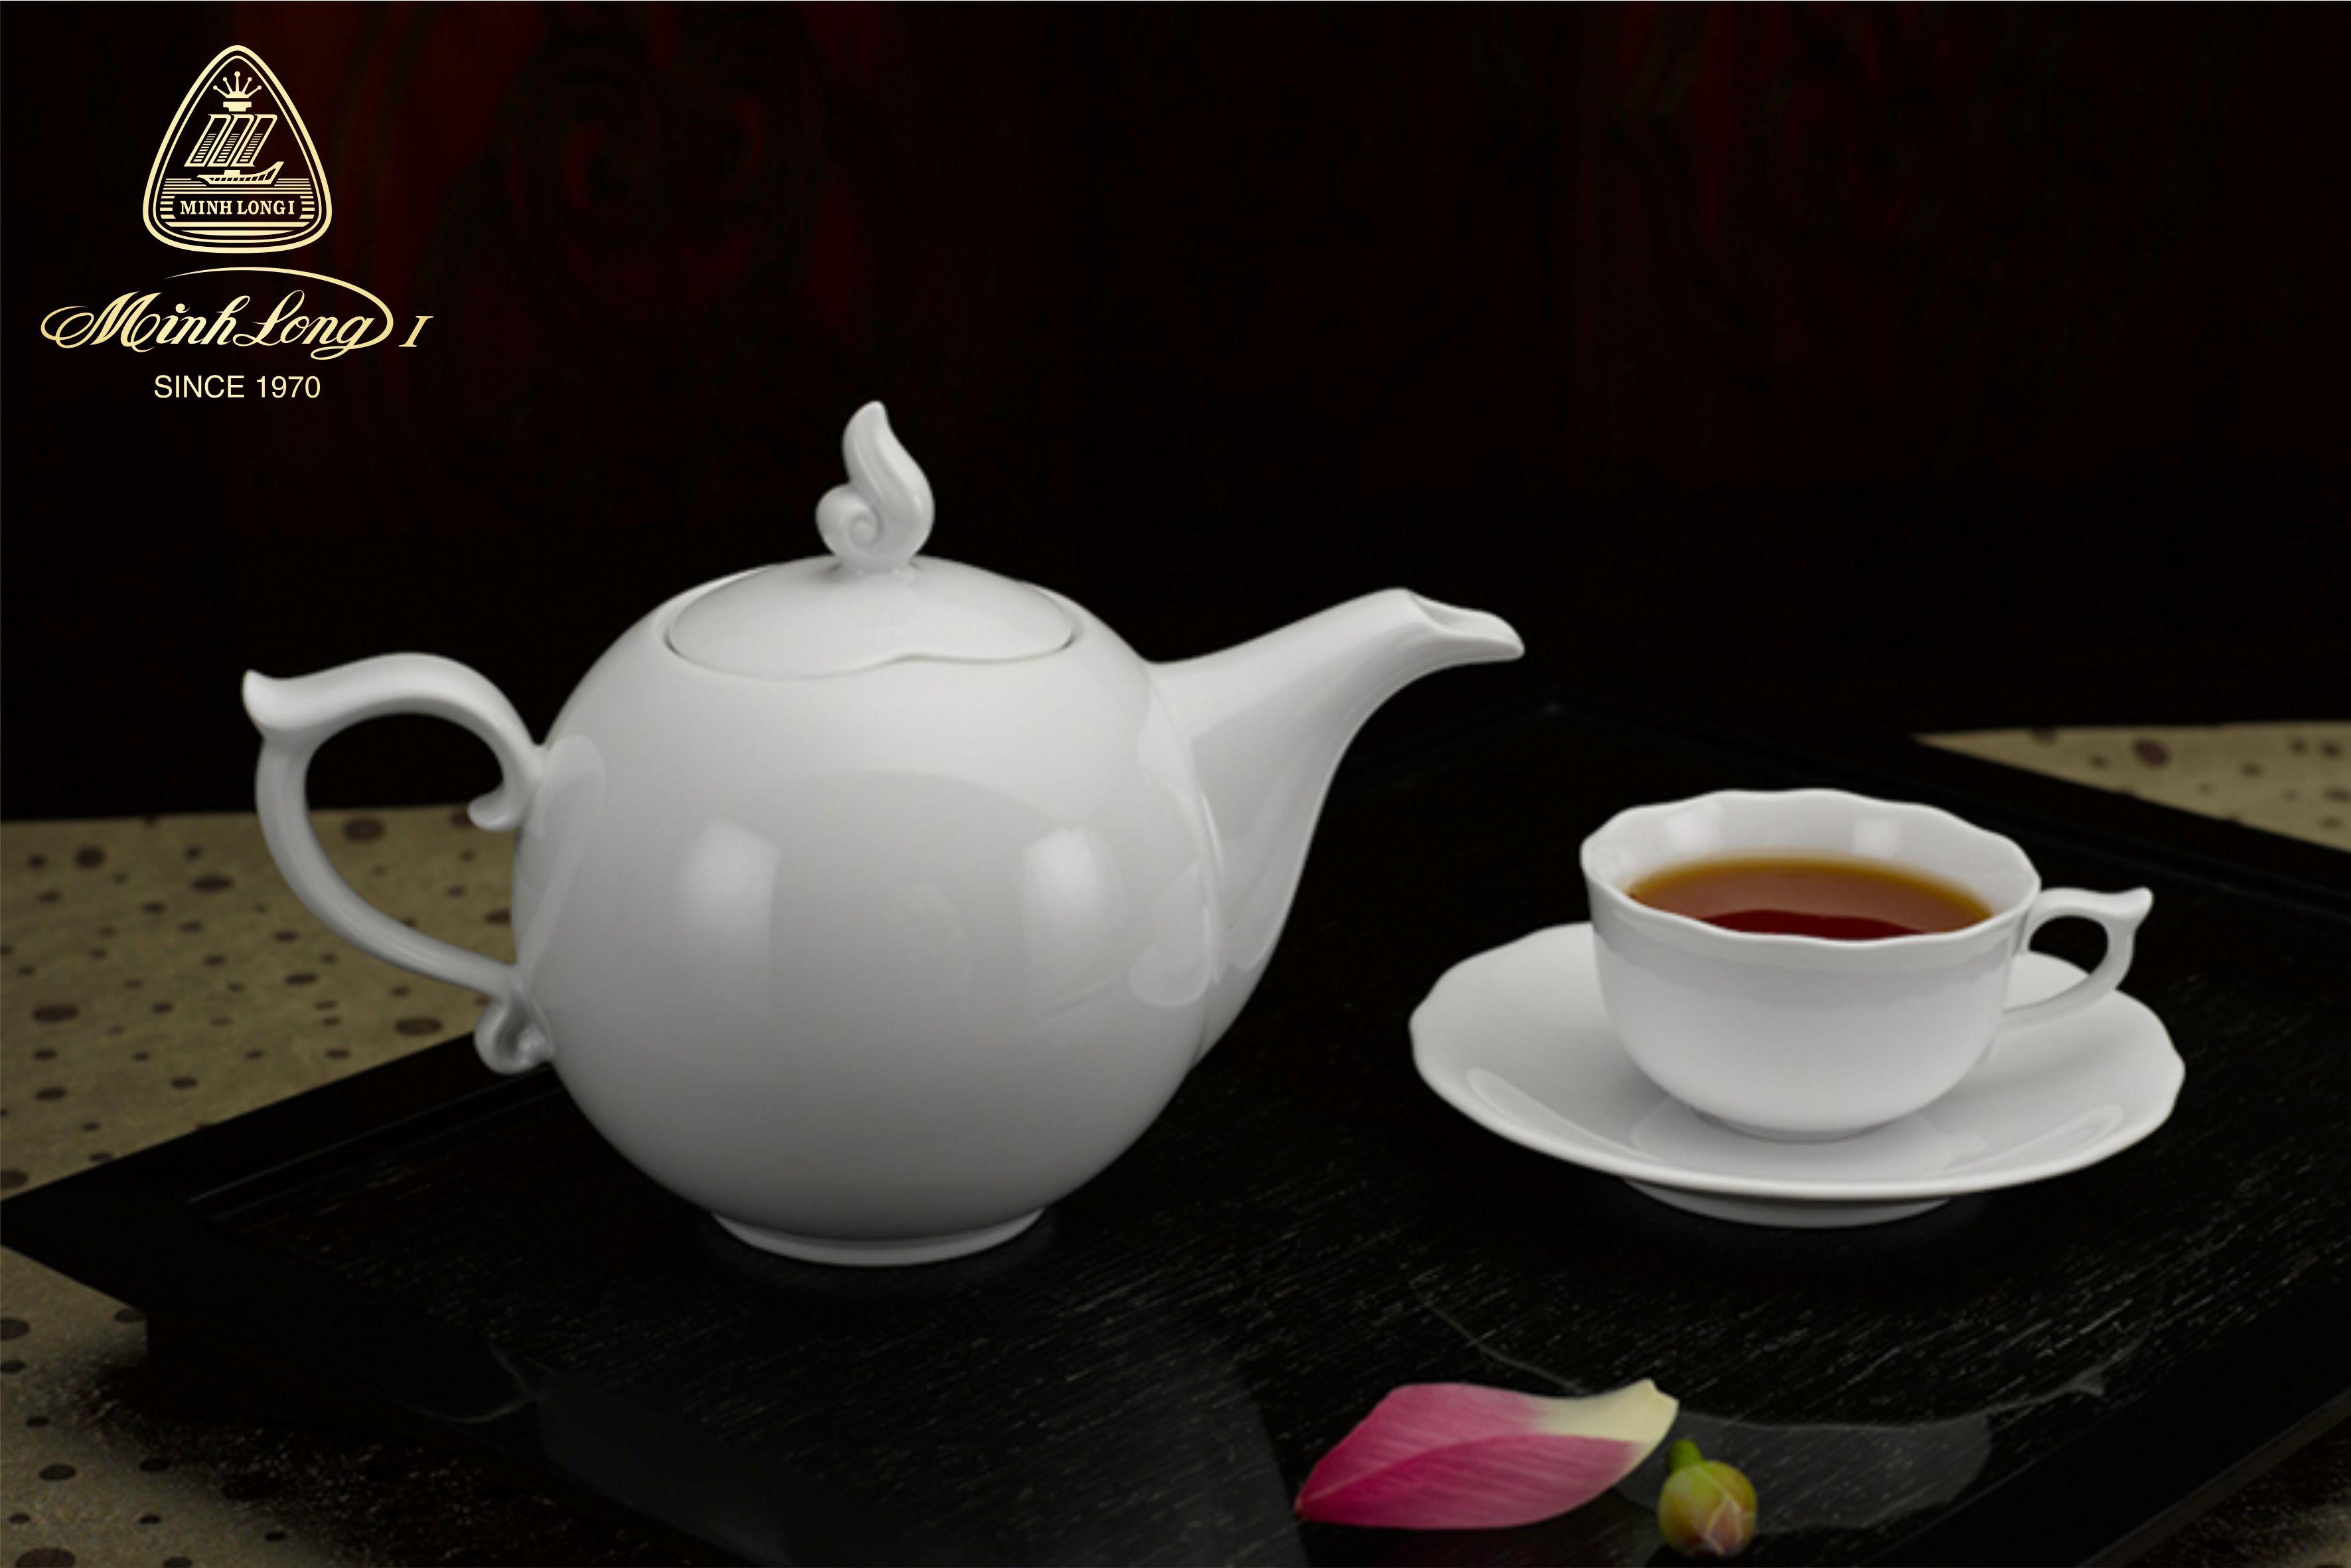 Bộ trà 0.7L Mẫu Đơn Trắng 68700800003 Minh Long